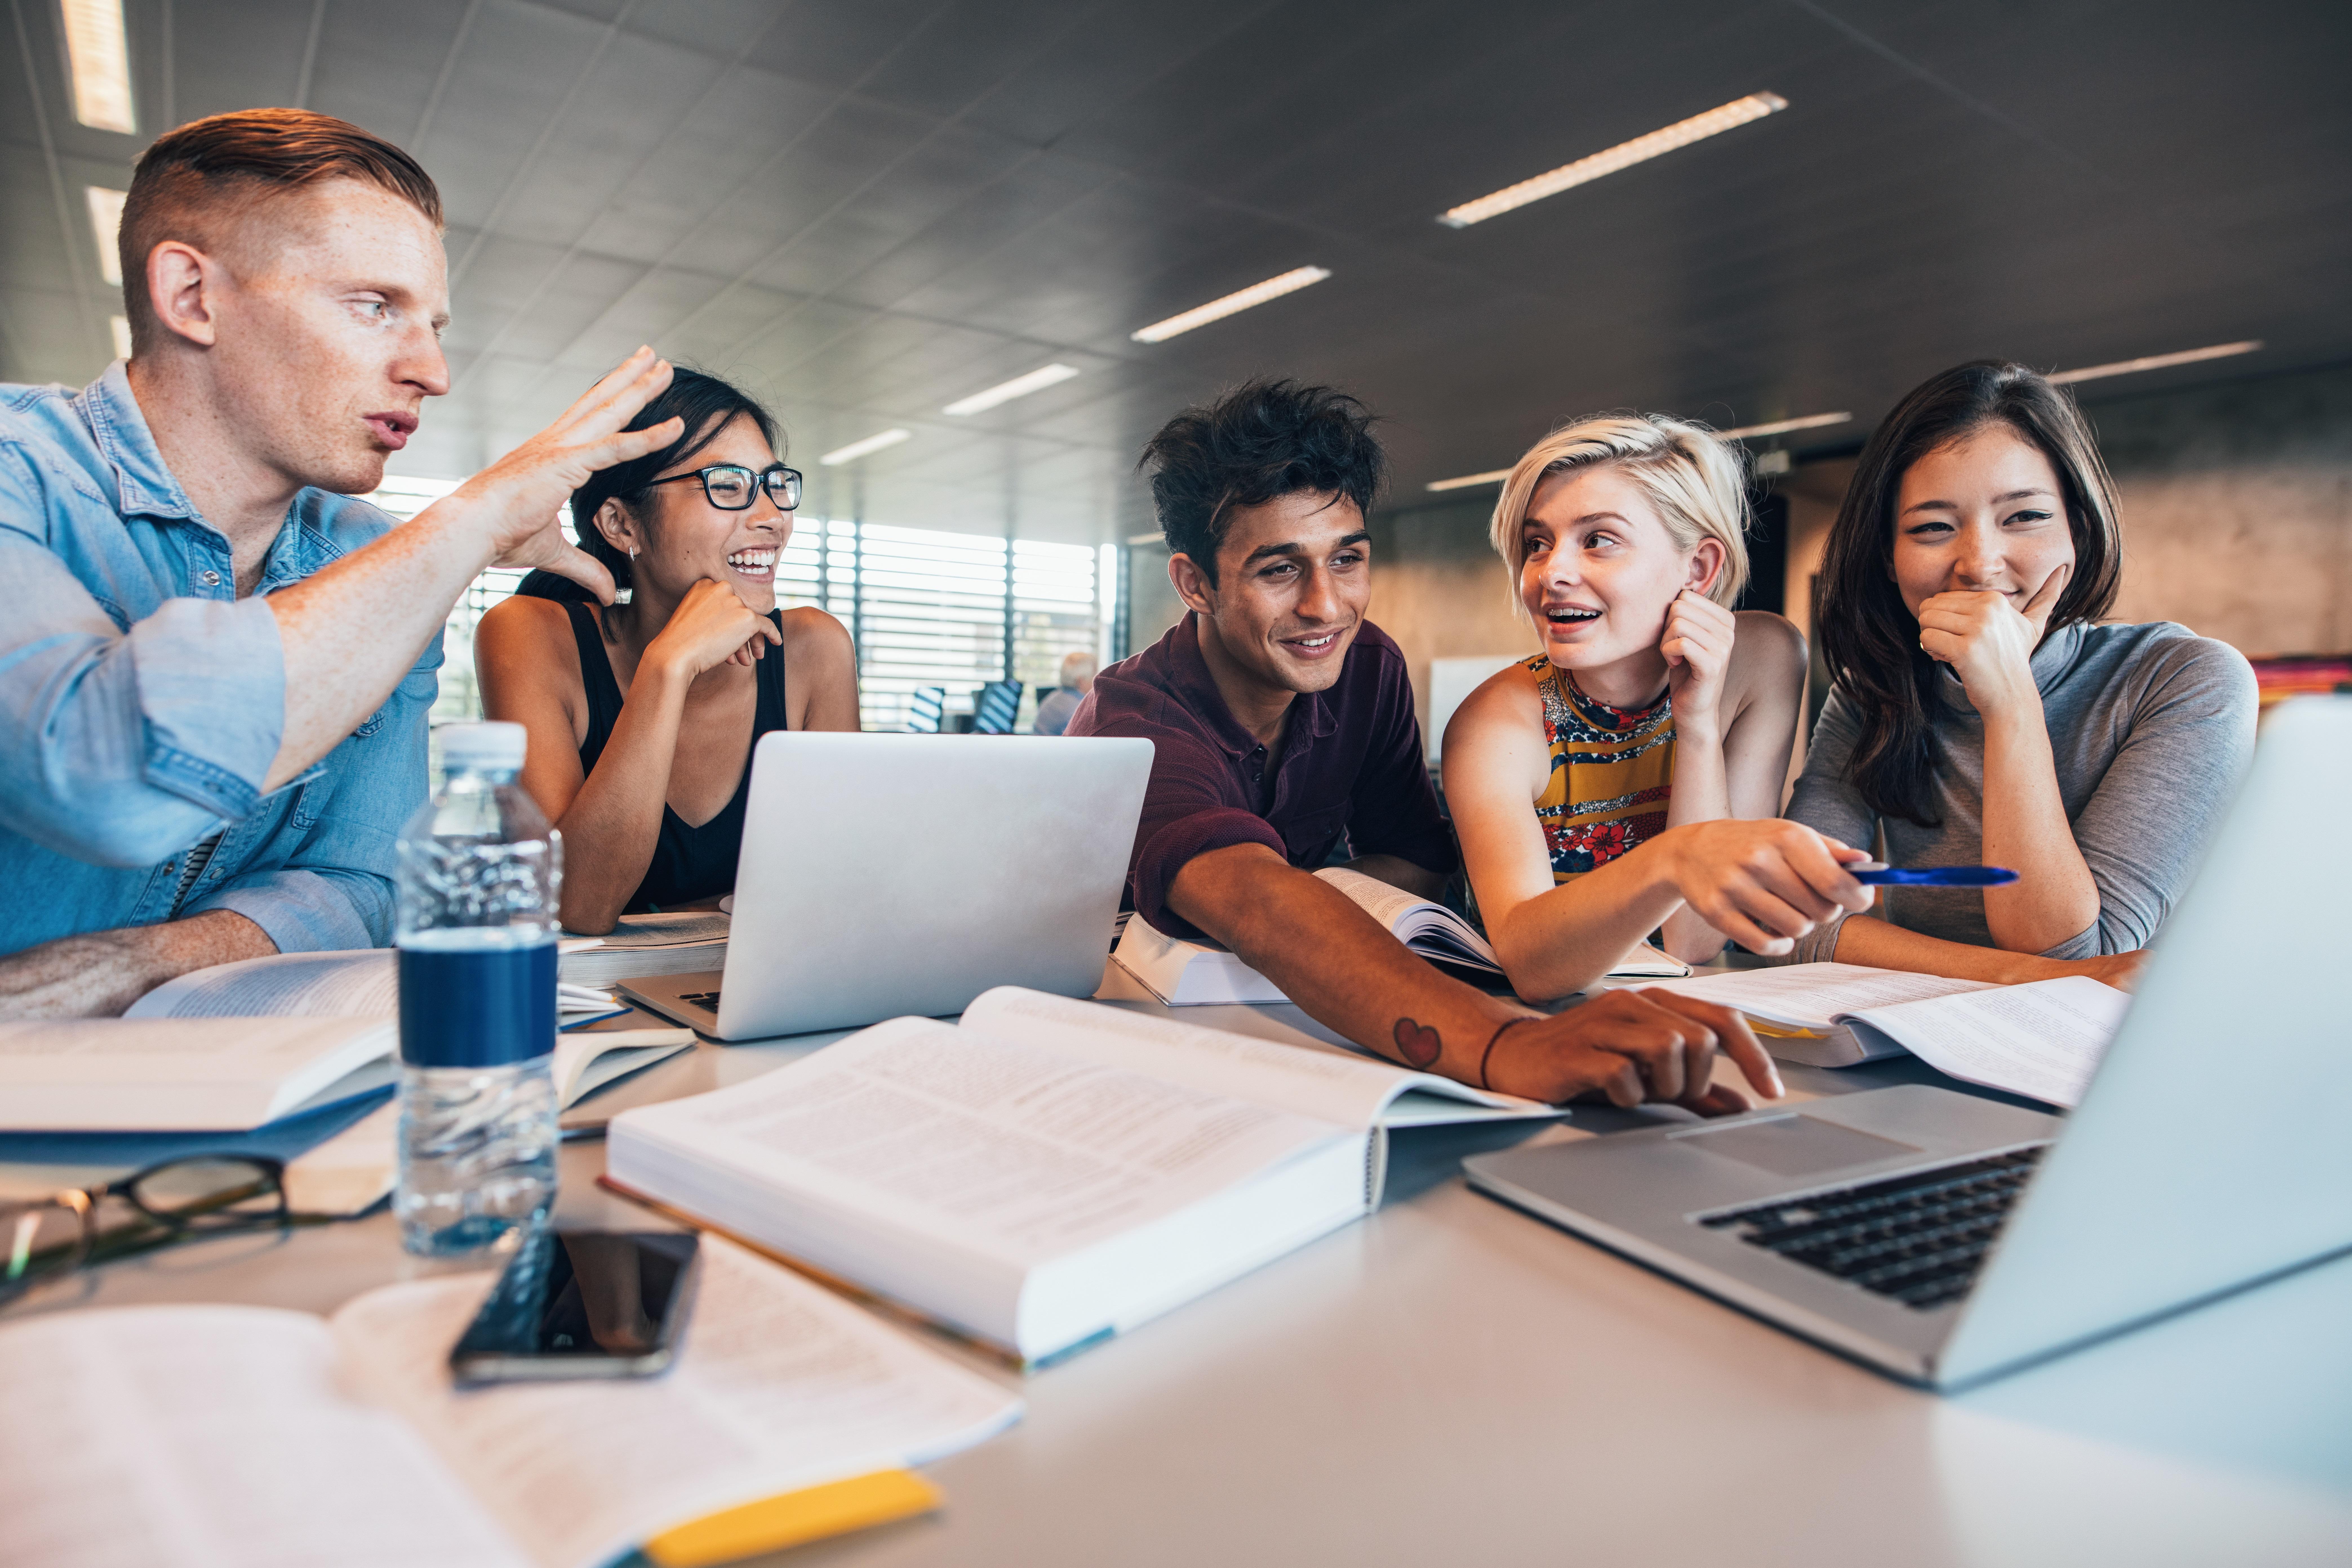 Deelnemers worden tijdens de hackathon uitgedaagd om een oplossing te bedenken om de kloof tussen scholieren en ondernemers te verkleinen. (Foto: Adobestock)